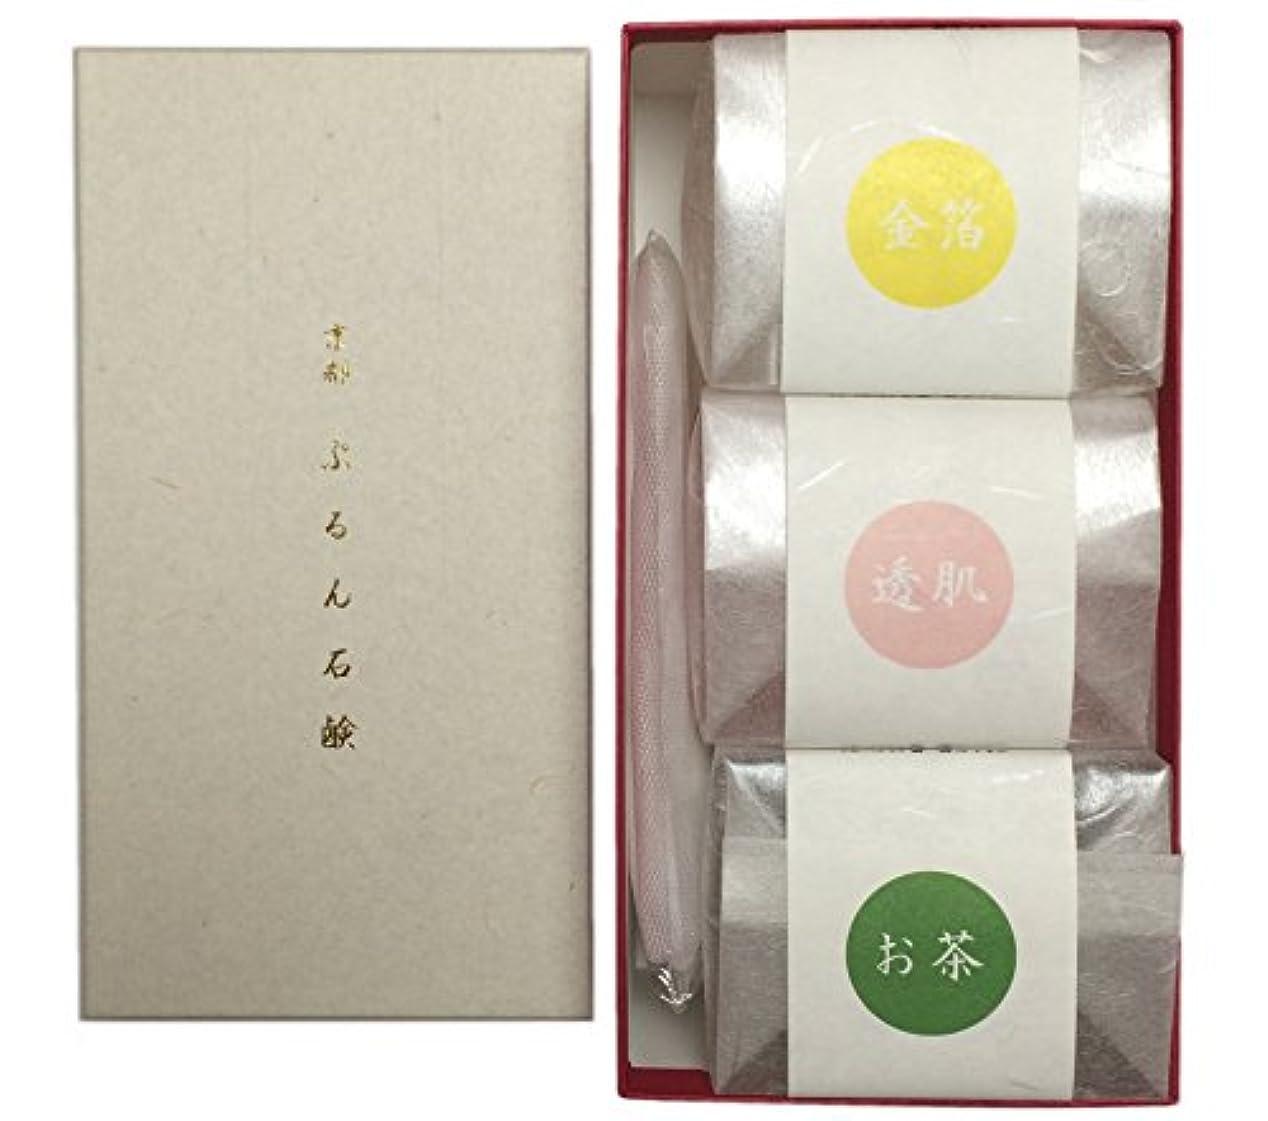 カーフ香港スポークスマン京都 ぷるん石鹸 ピュアソープ ヒアルロン酸 コラーゲン ギフトボックス 3種3個セット